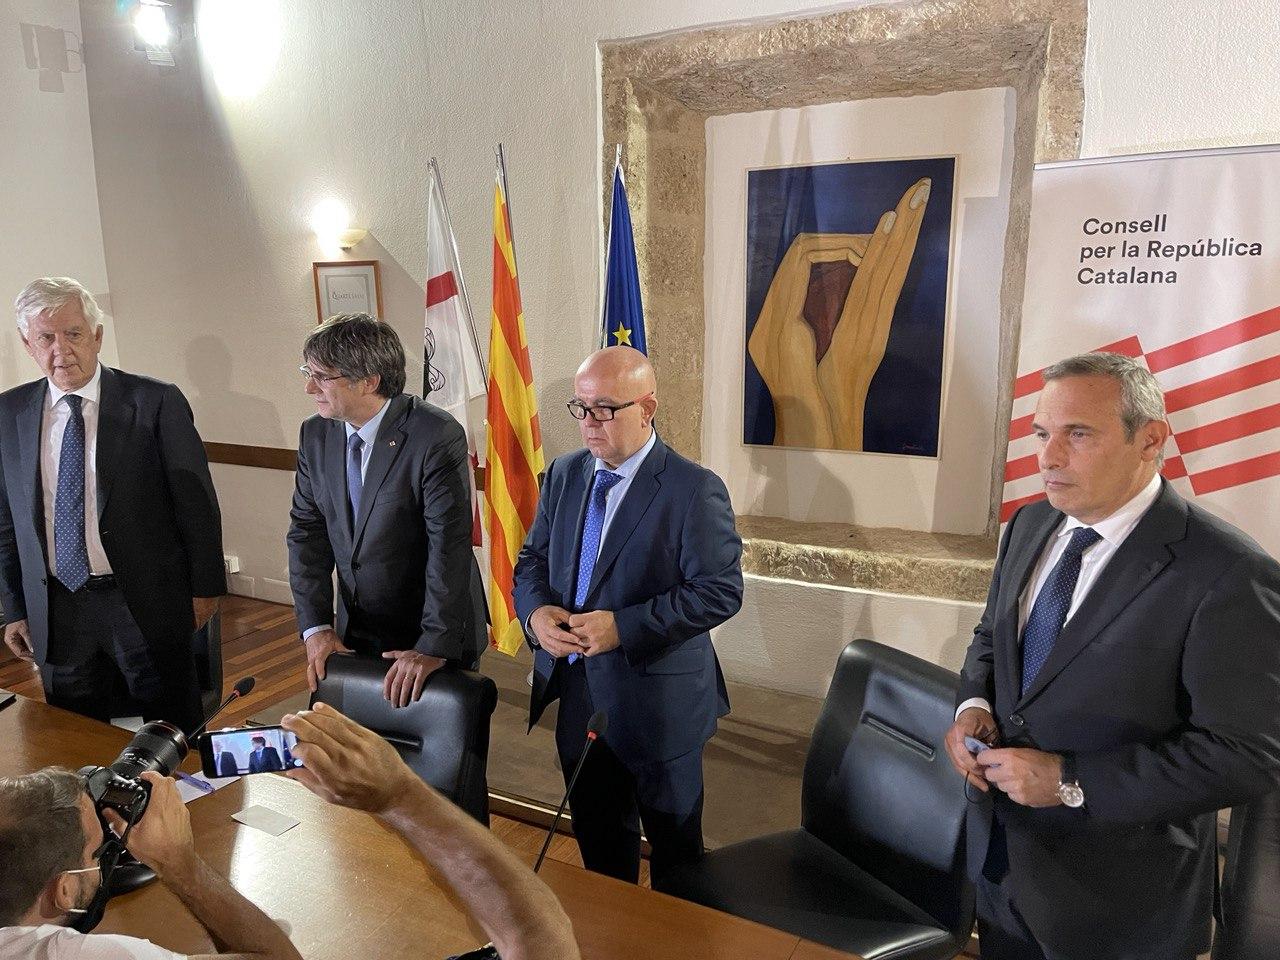 Carles Puigdemont, amb el seu advocat italià, Agostinangelo Marras, Gonzalo Boye i el cap de la seva oficina, Josep Lluí Alay, en la roda de premsa posterior a la decisió del Tribunal d'Apel·lacions de Sàsser de suspendre el procediment per extradir-lo / Q.S.